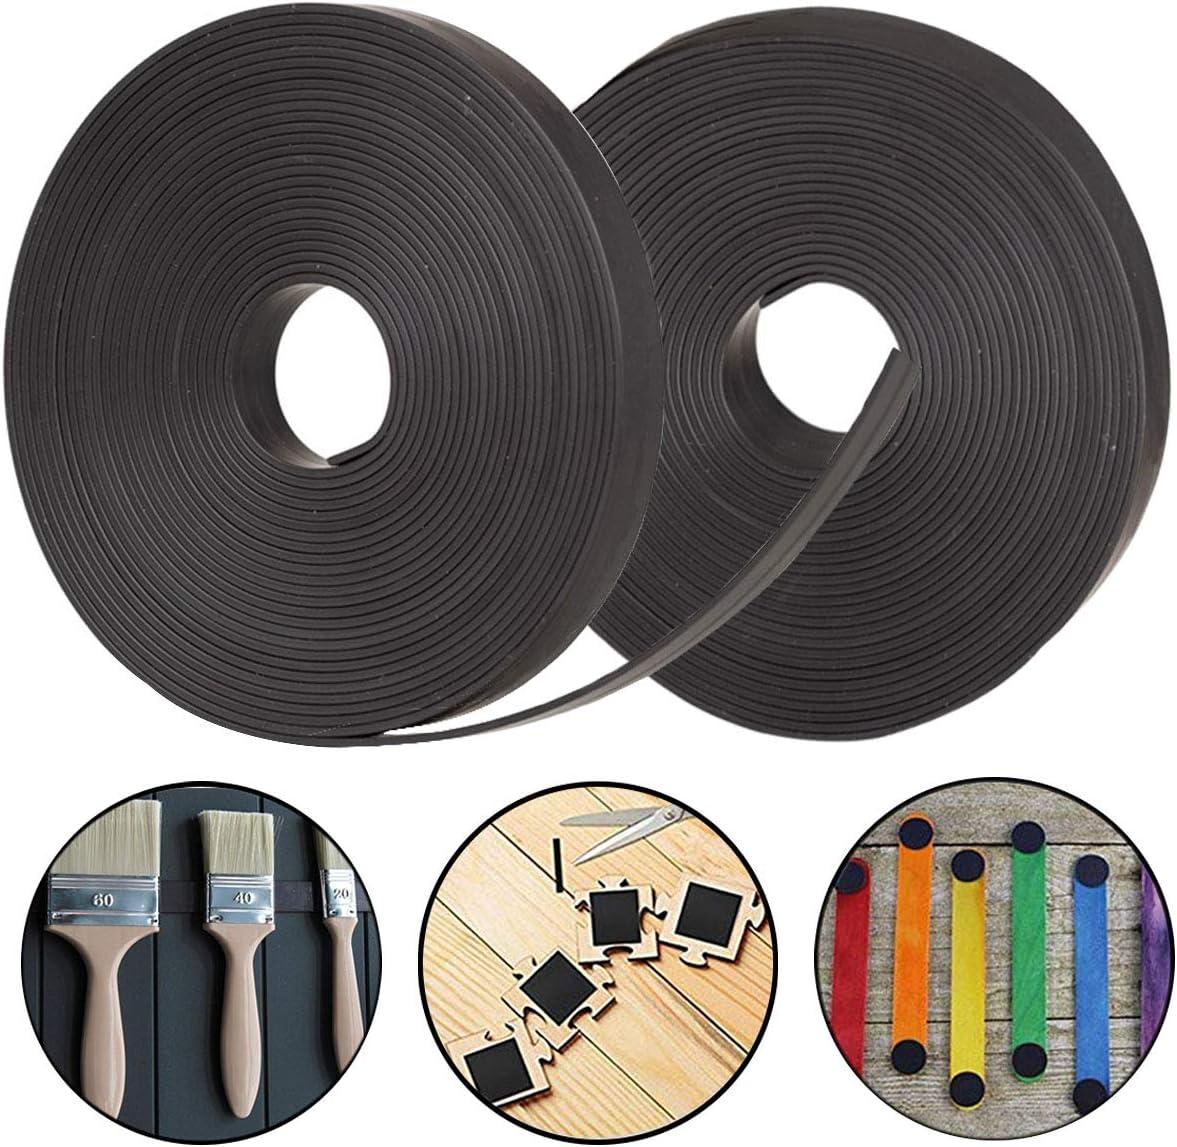 Osuter 2PCS Cinta Magnetica Autoadhesiva Flexible Banda Magnética Adhesiva Cutable para Cartel Postal Foto(6M): Amazon.es: Bricolaje y herramientas